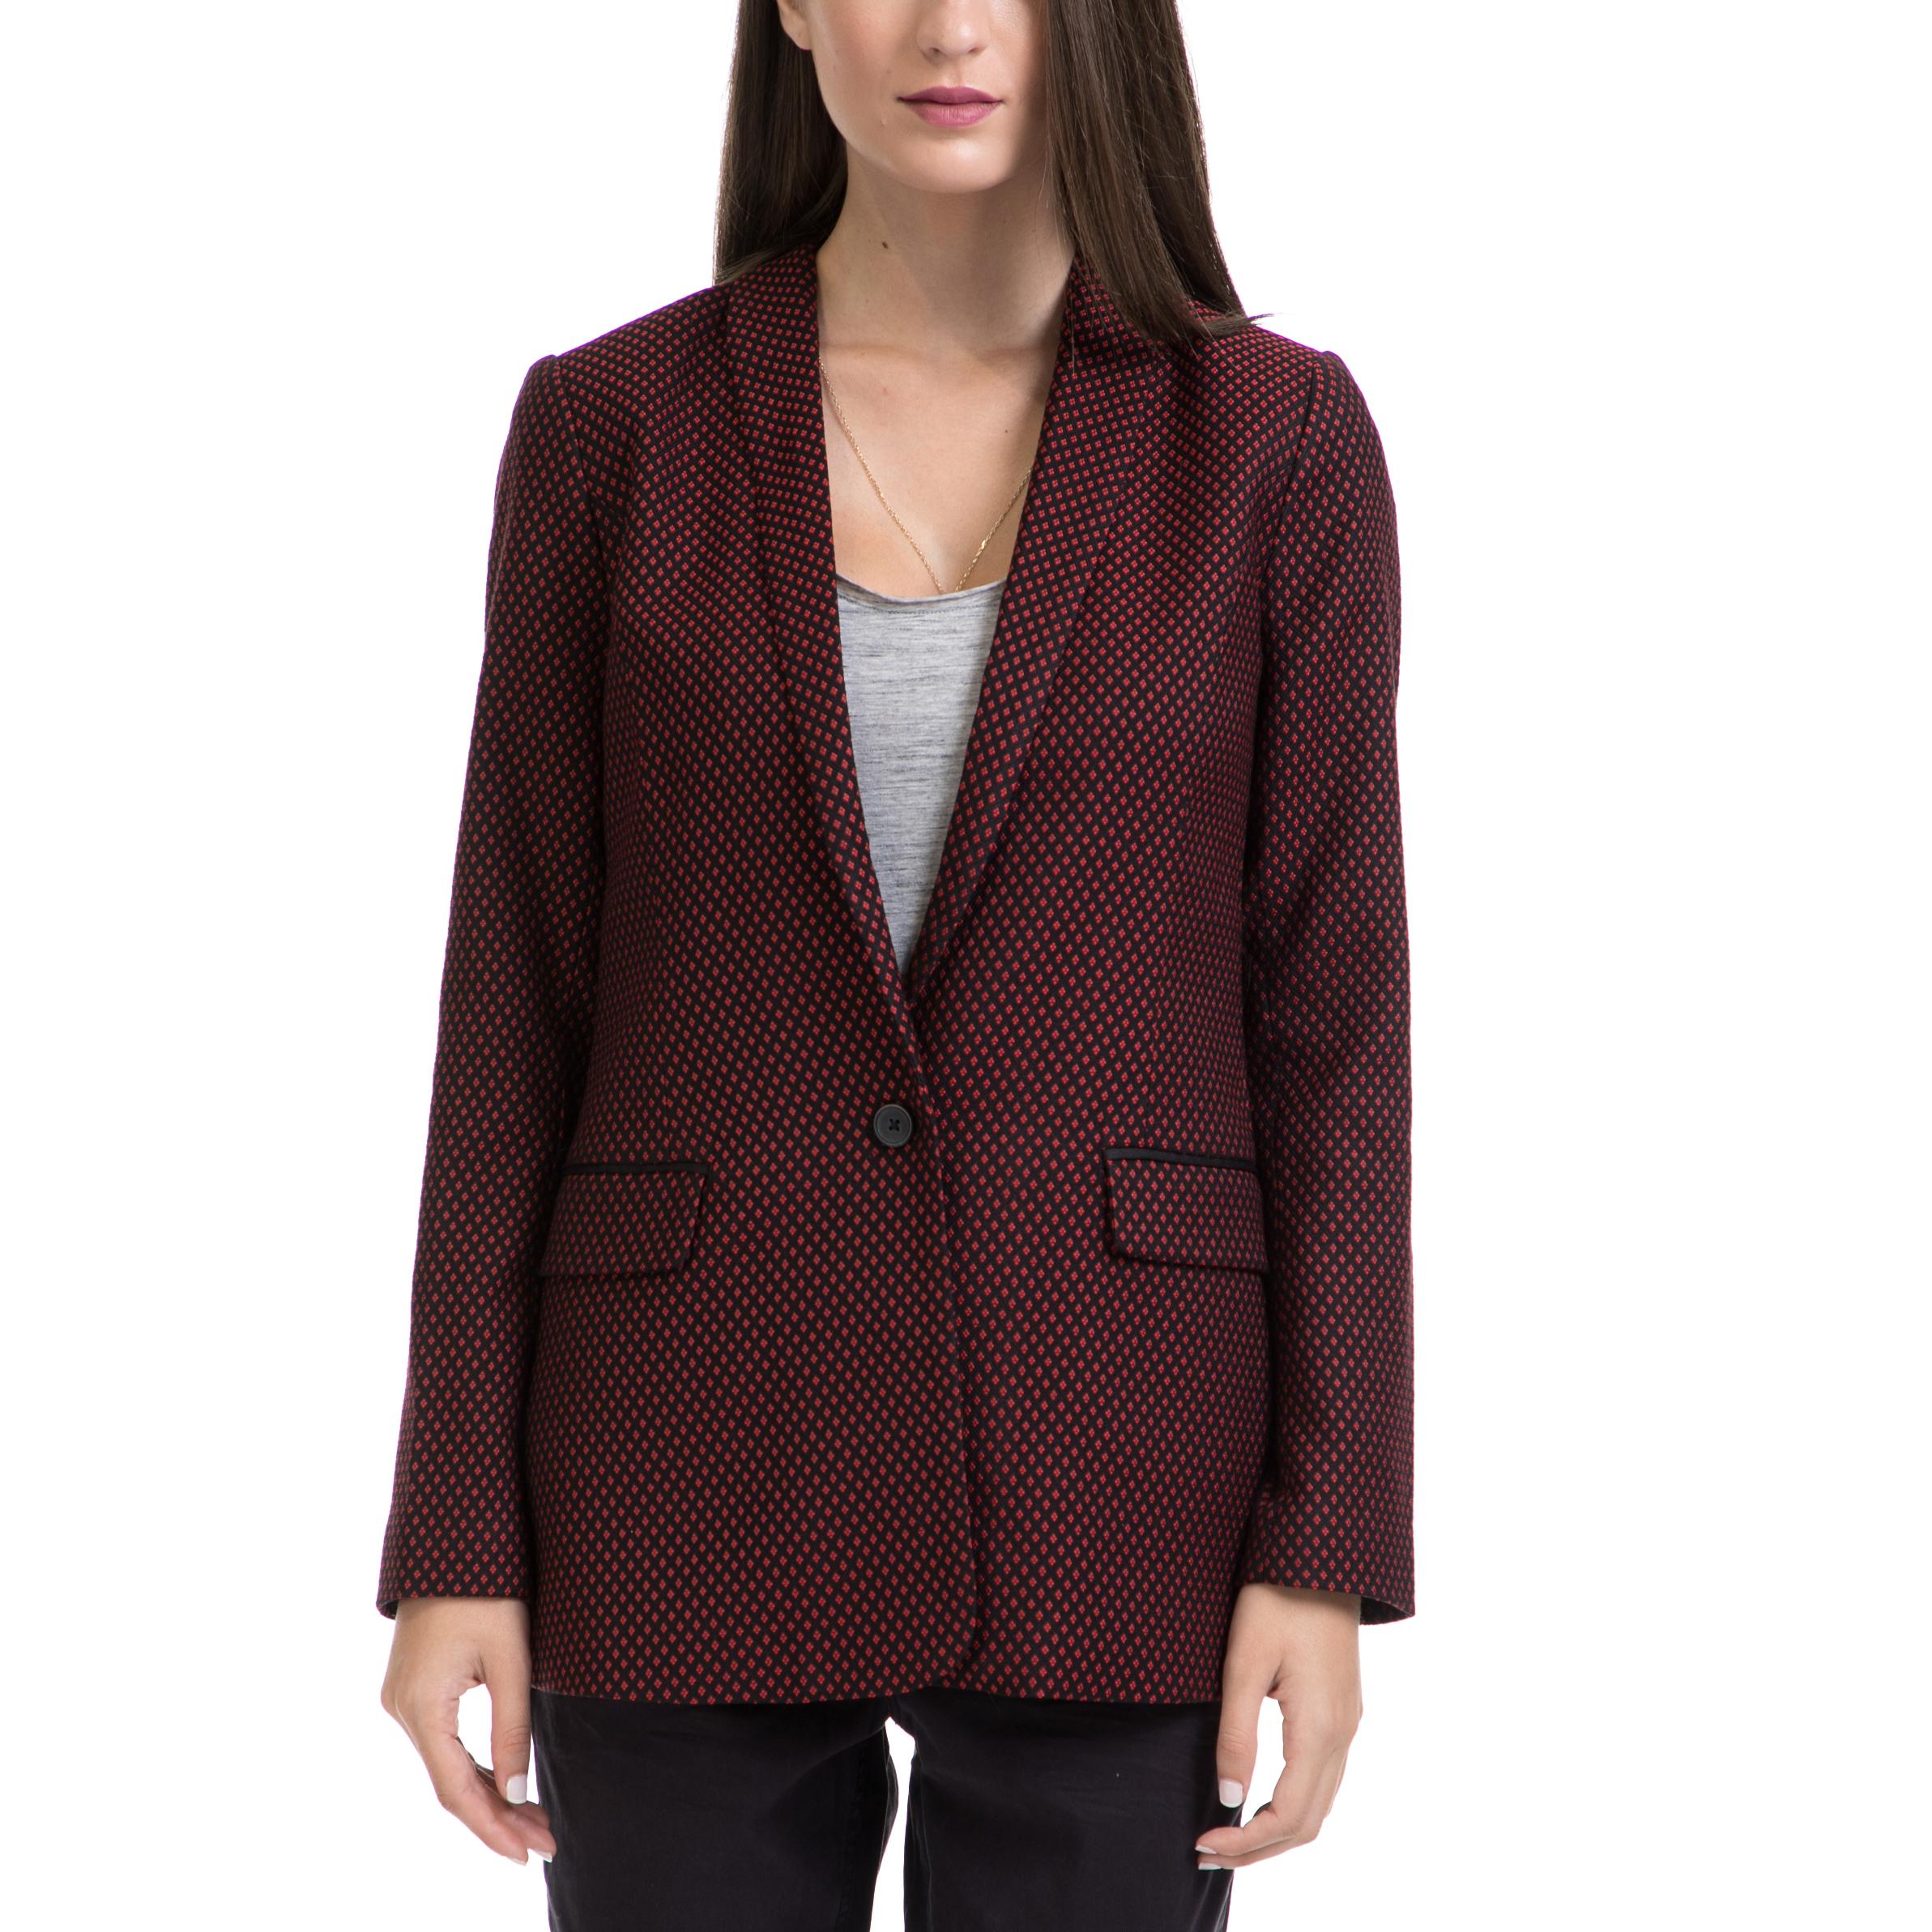 SCOTCH & SODA - Γυναικείο σακάκι MAISON SCOTCH μαύρο-κόκκινο γυναικεία ρούχα πανωφόρια σακάκια